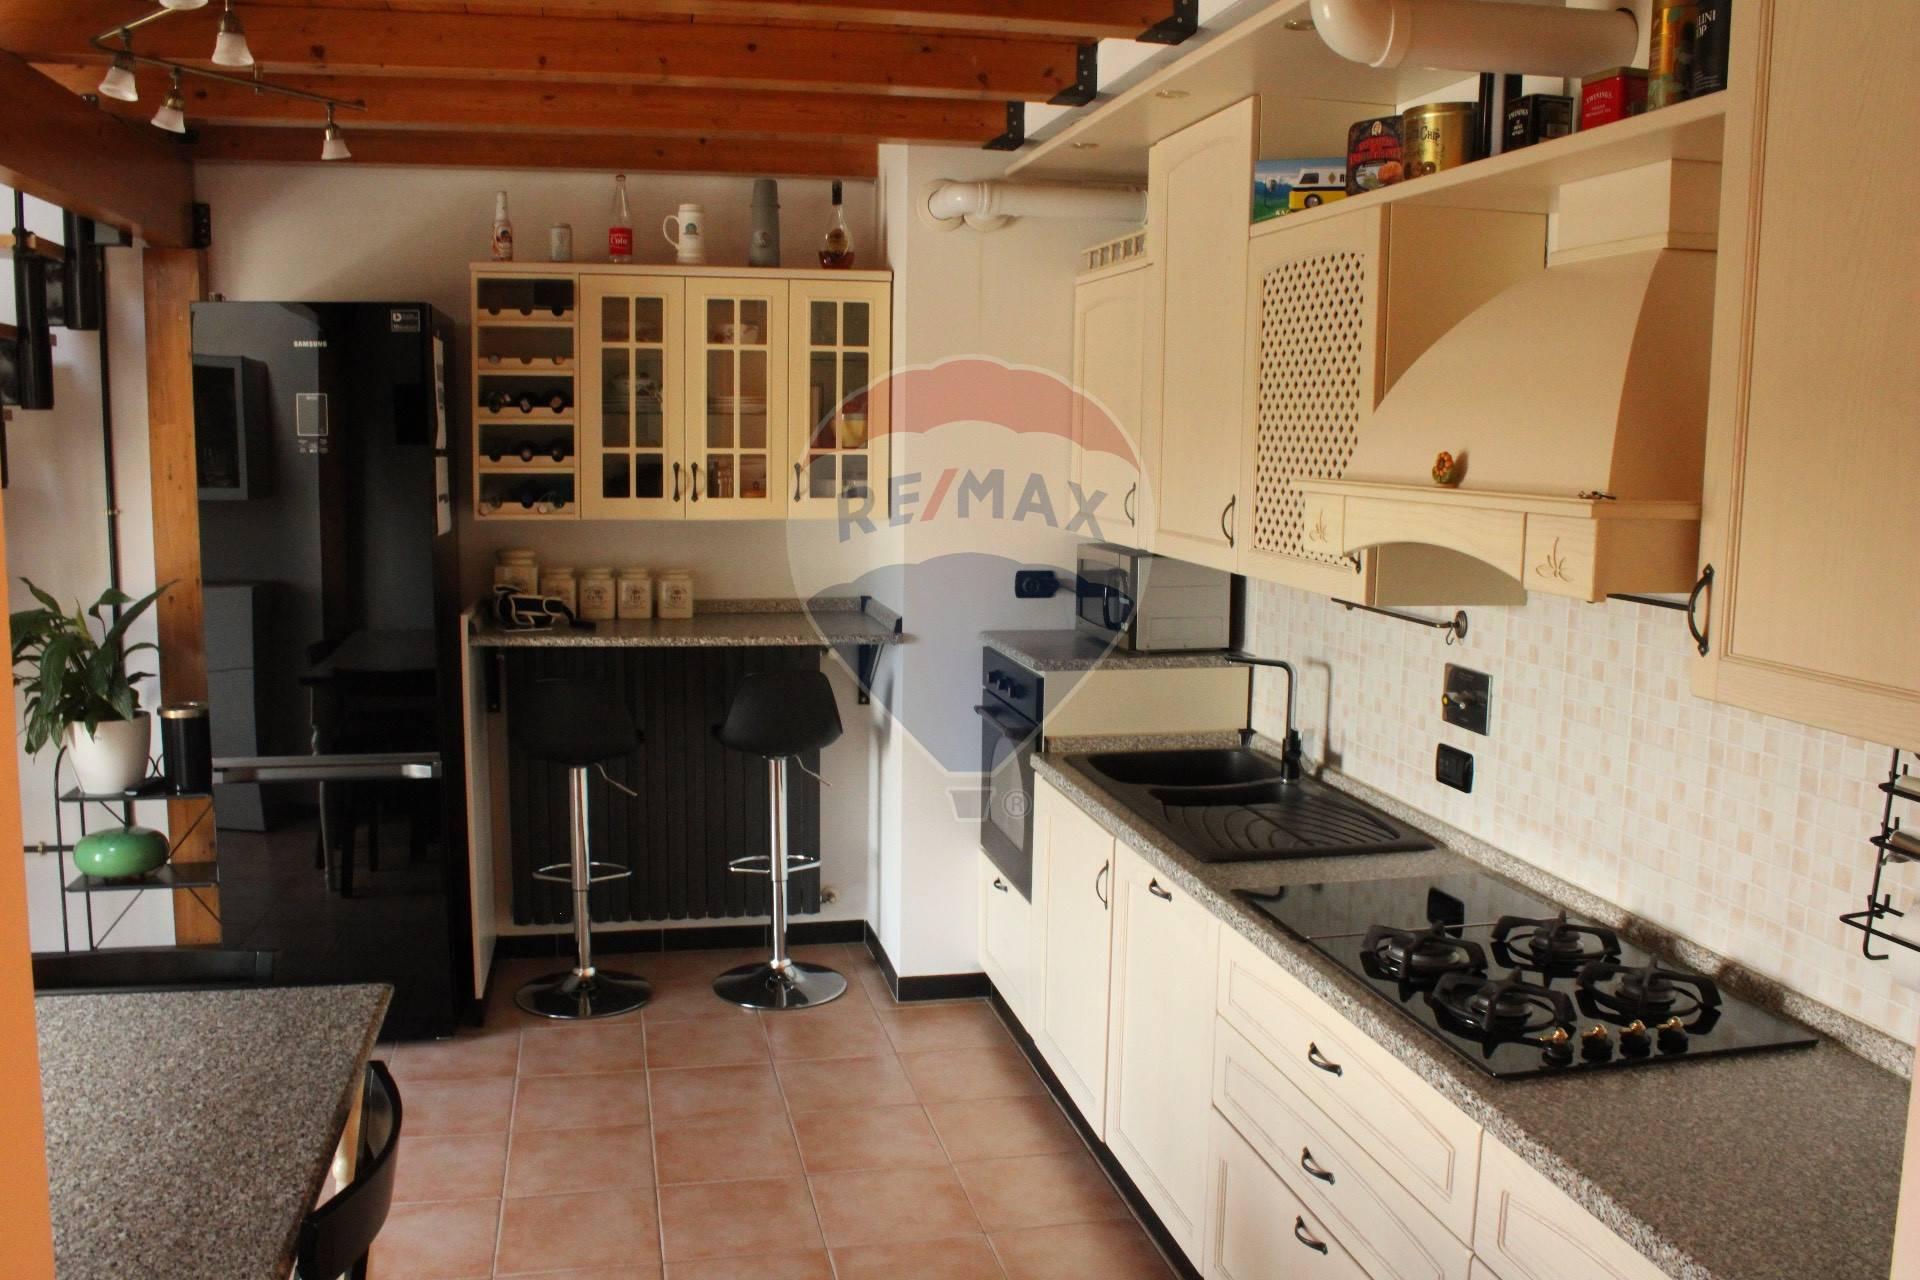 Appartamento in vendita a Sant'Ilario d'Enza, 2 locali, zona Zona: Calerno, prezzo € 95.000 | CambioCasa.it